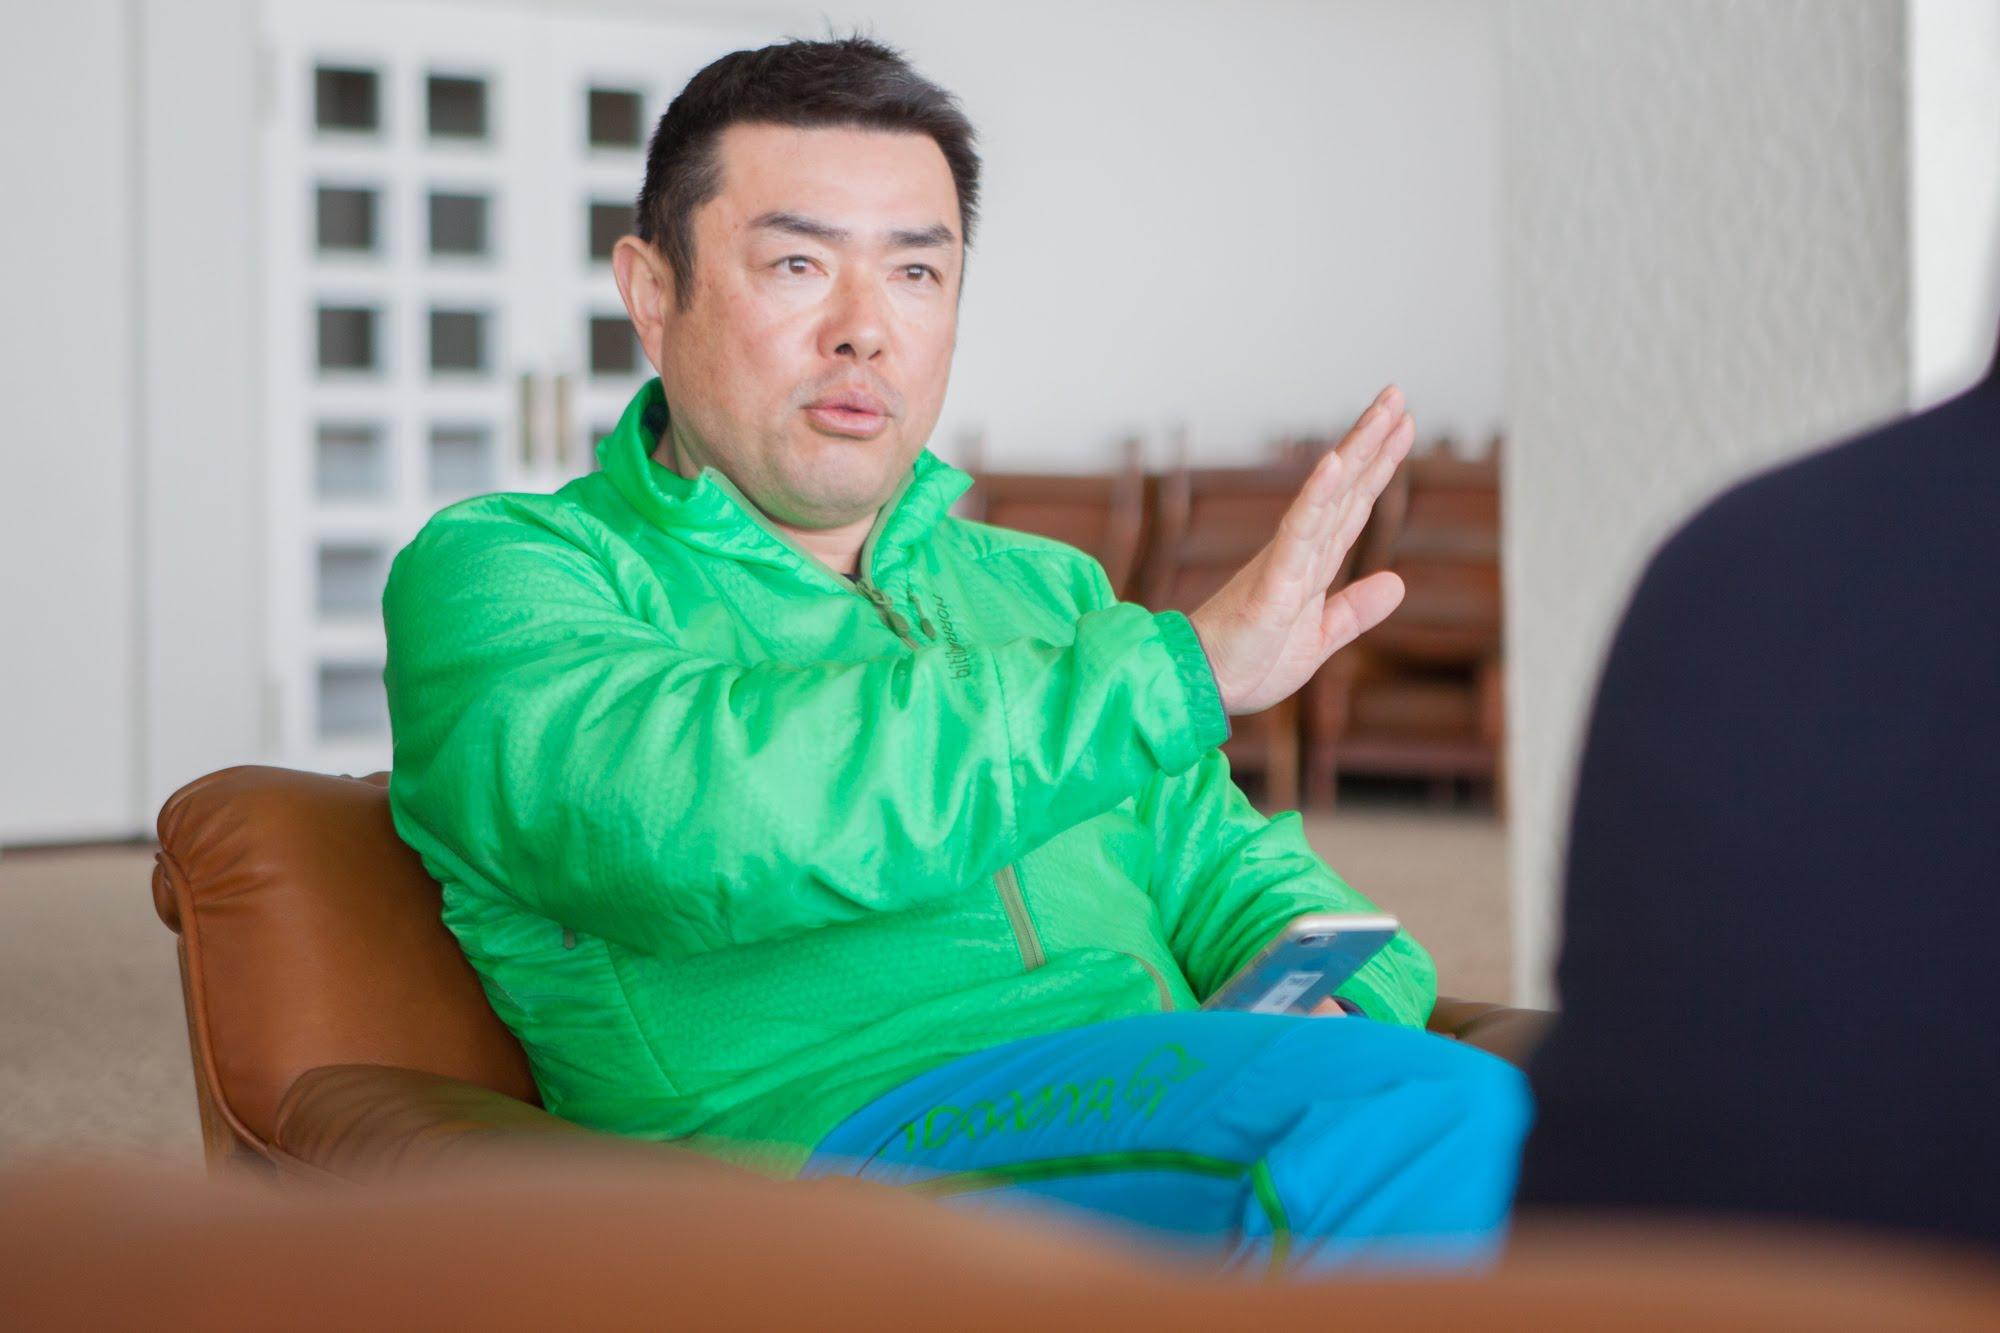 苗場スキー場・今泉さん